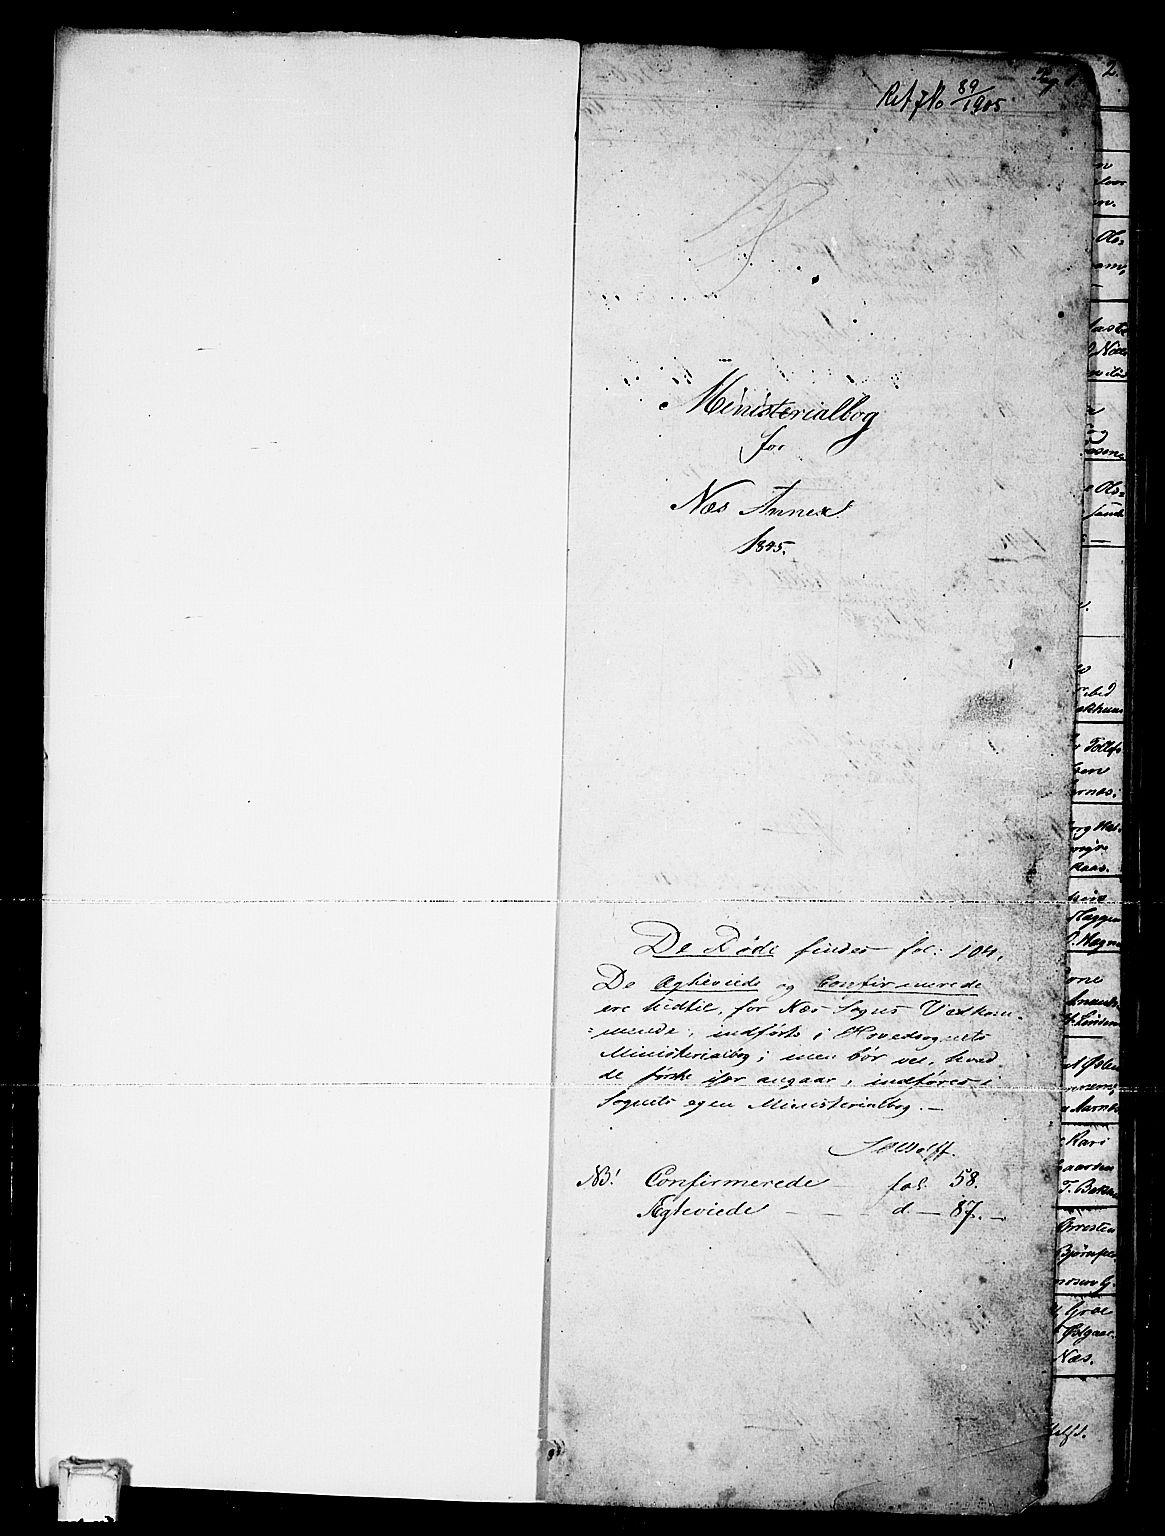 SAKO, Sauherad kirkebøker, G/Gb/L0001: Klokkerbok nr. II 1, 1845-1865, s. 1